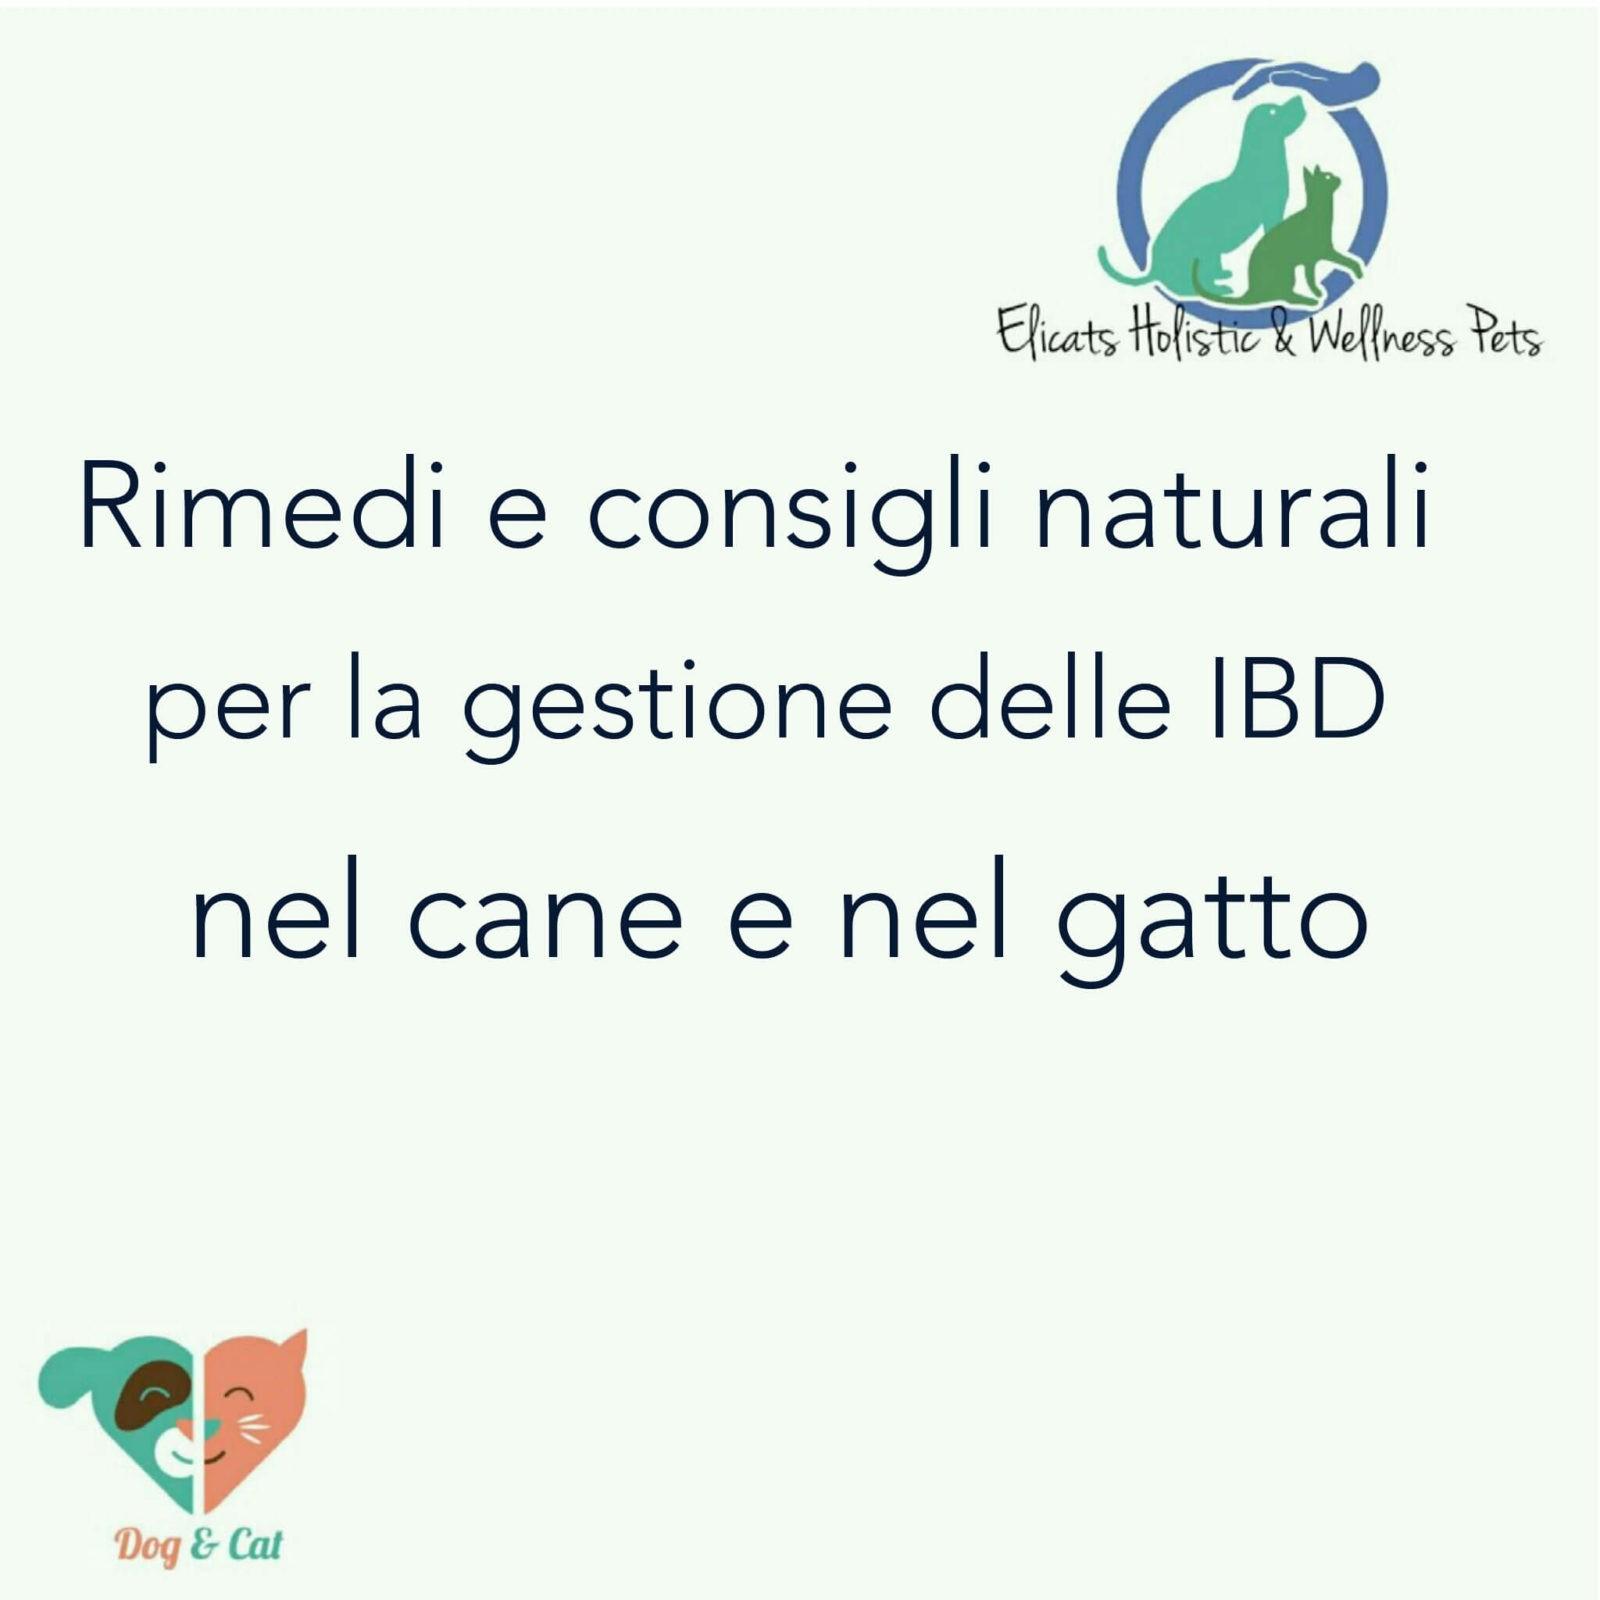 Rimedi naturali infiammazione intestinale gatto cane IBD, Rimedi naturali infiammazione intestinale gatto cane IBD